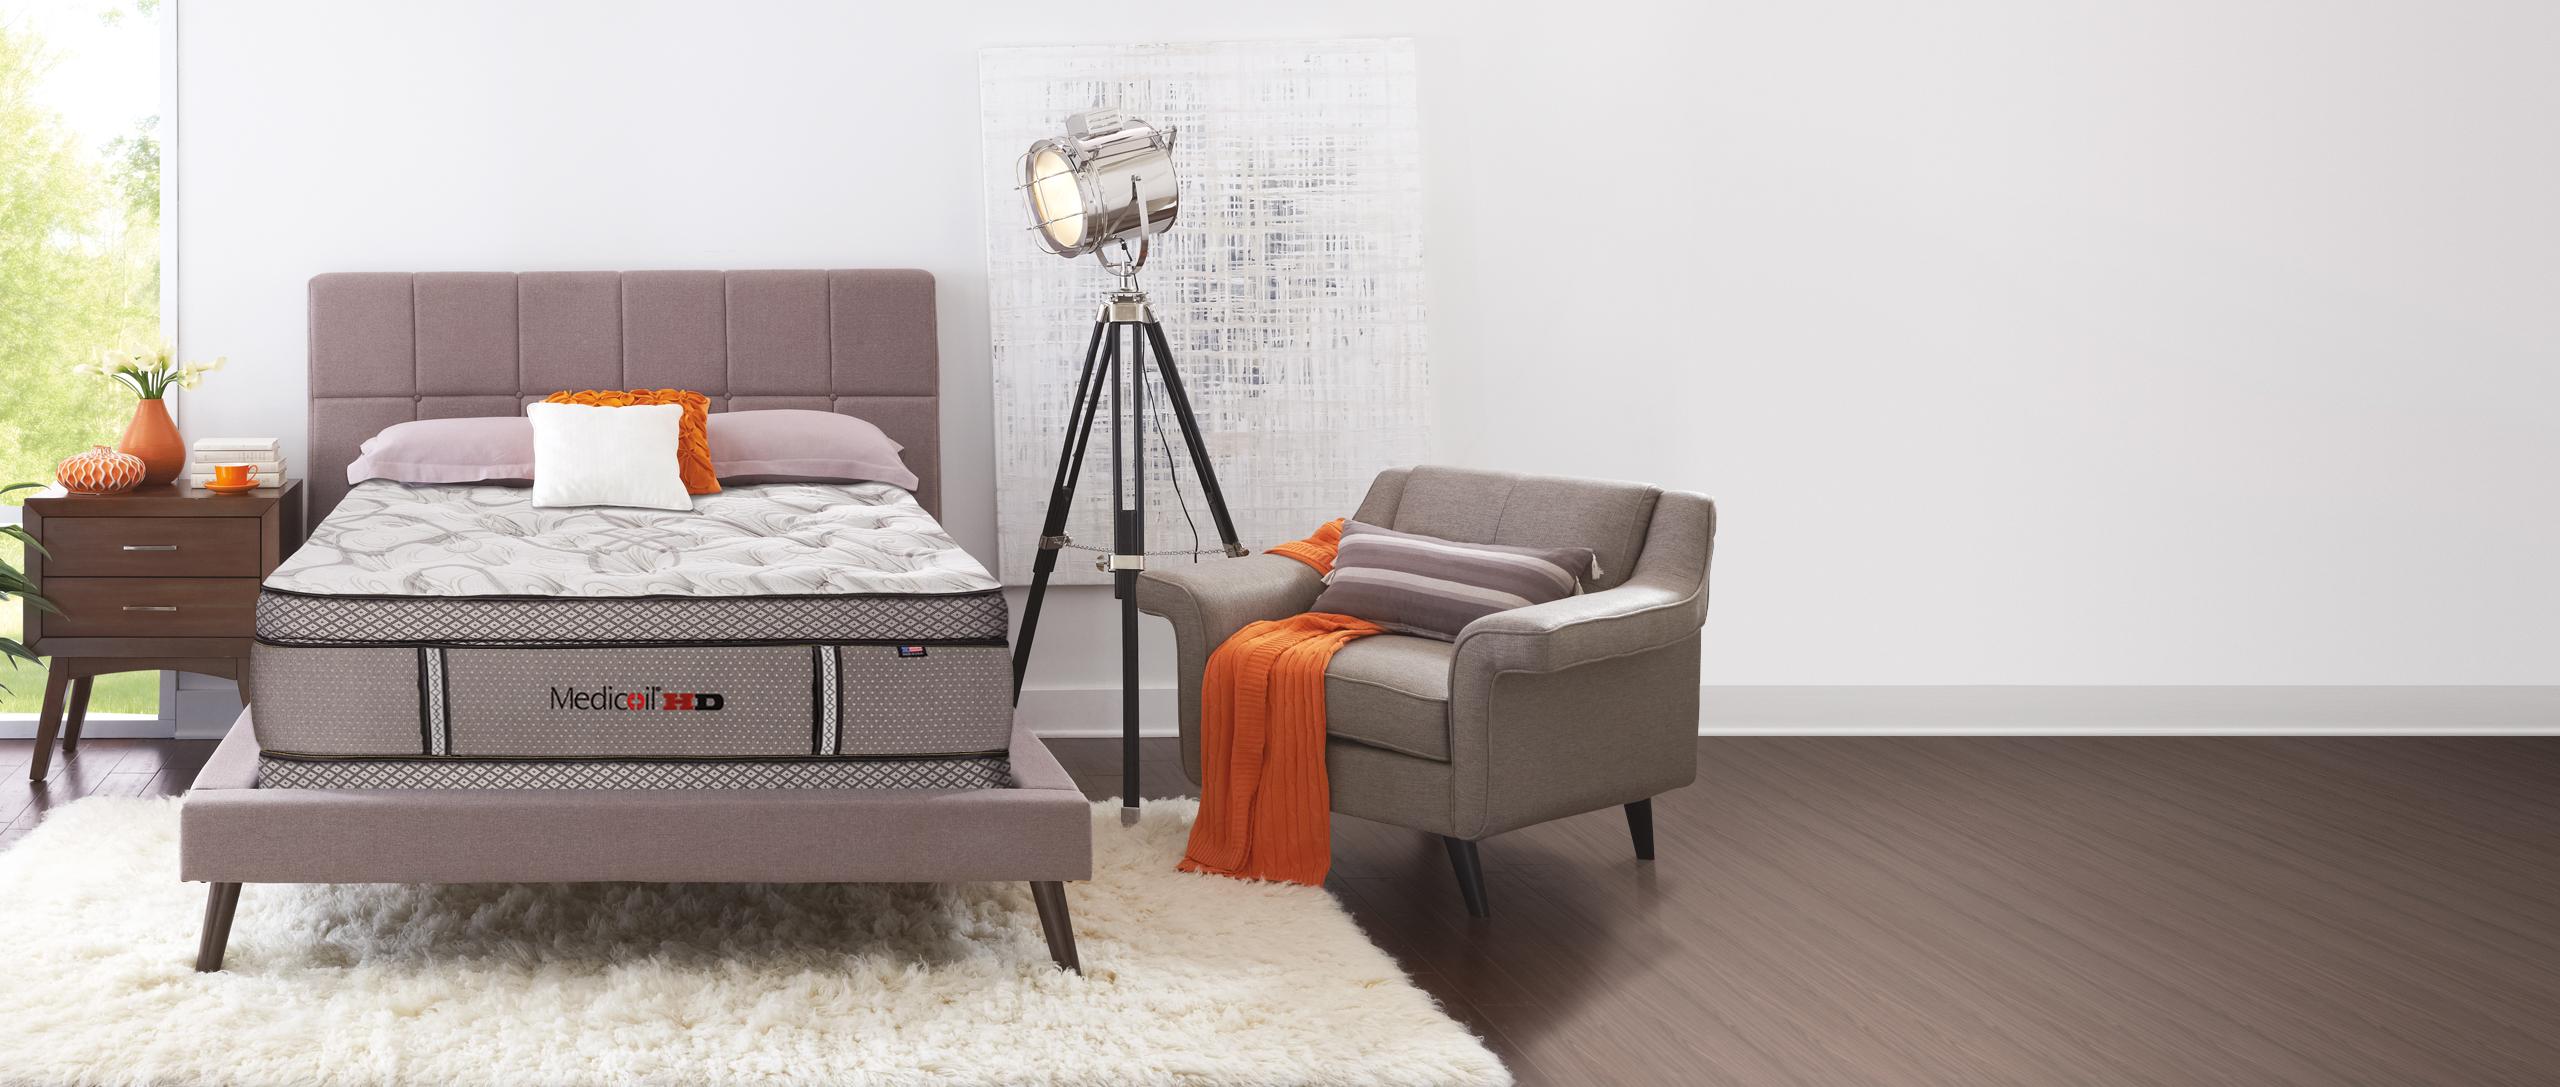 Medicoil HD - Heavy-Duty Mattress in a bedroom setting